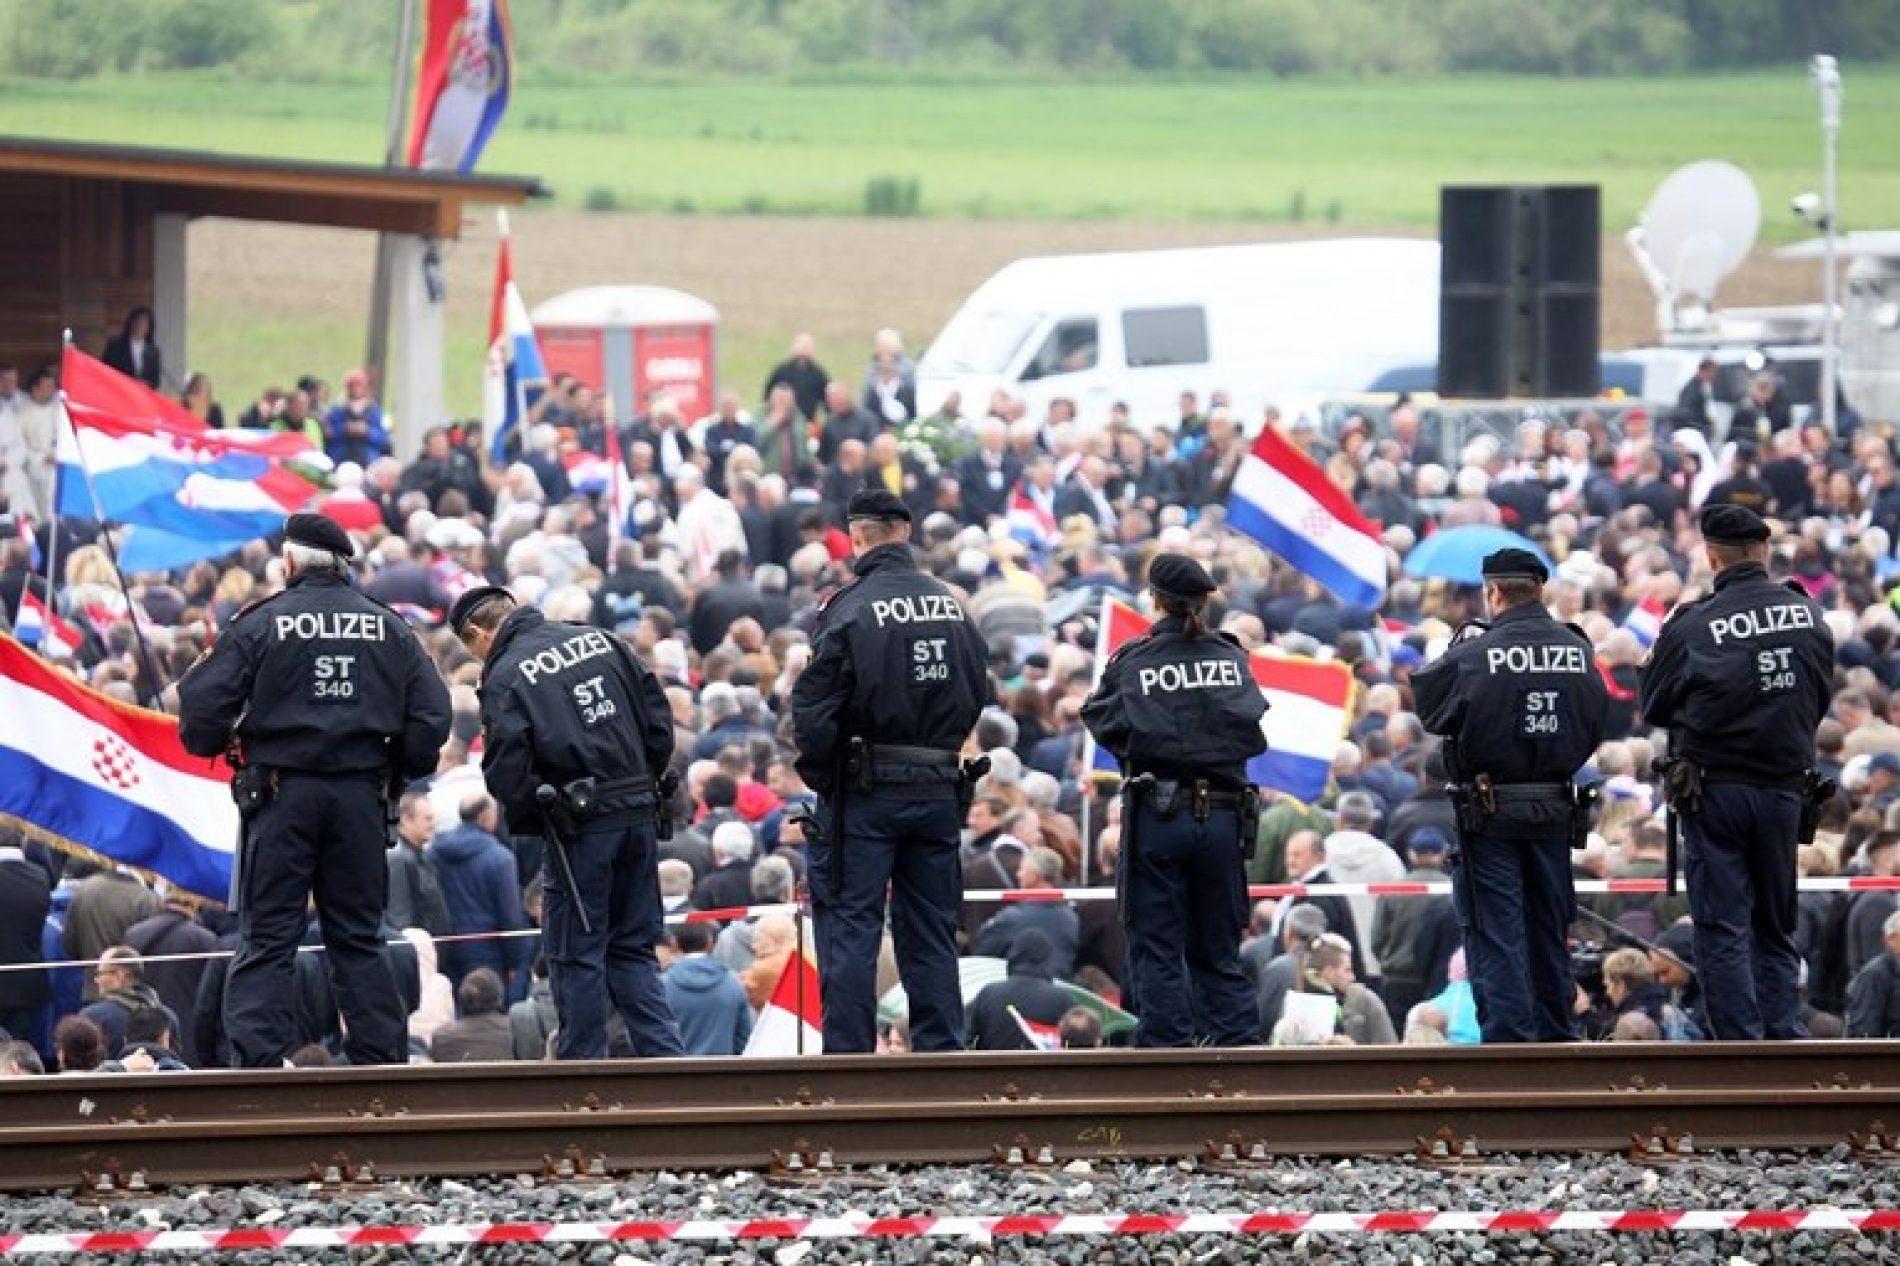 Austrijski parlament traži da Vlada te zemlje ubuduće zabrani fašistička okupljanja u Bleiburgu